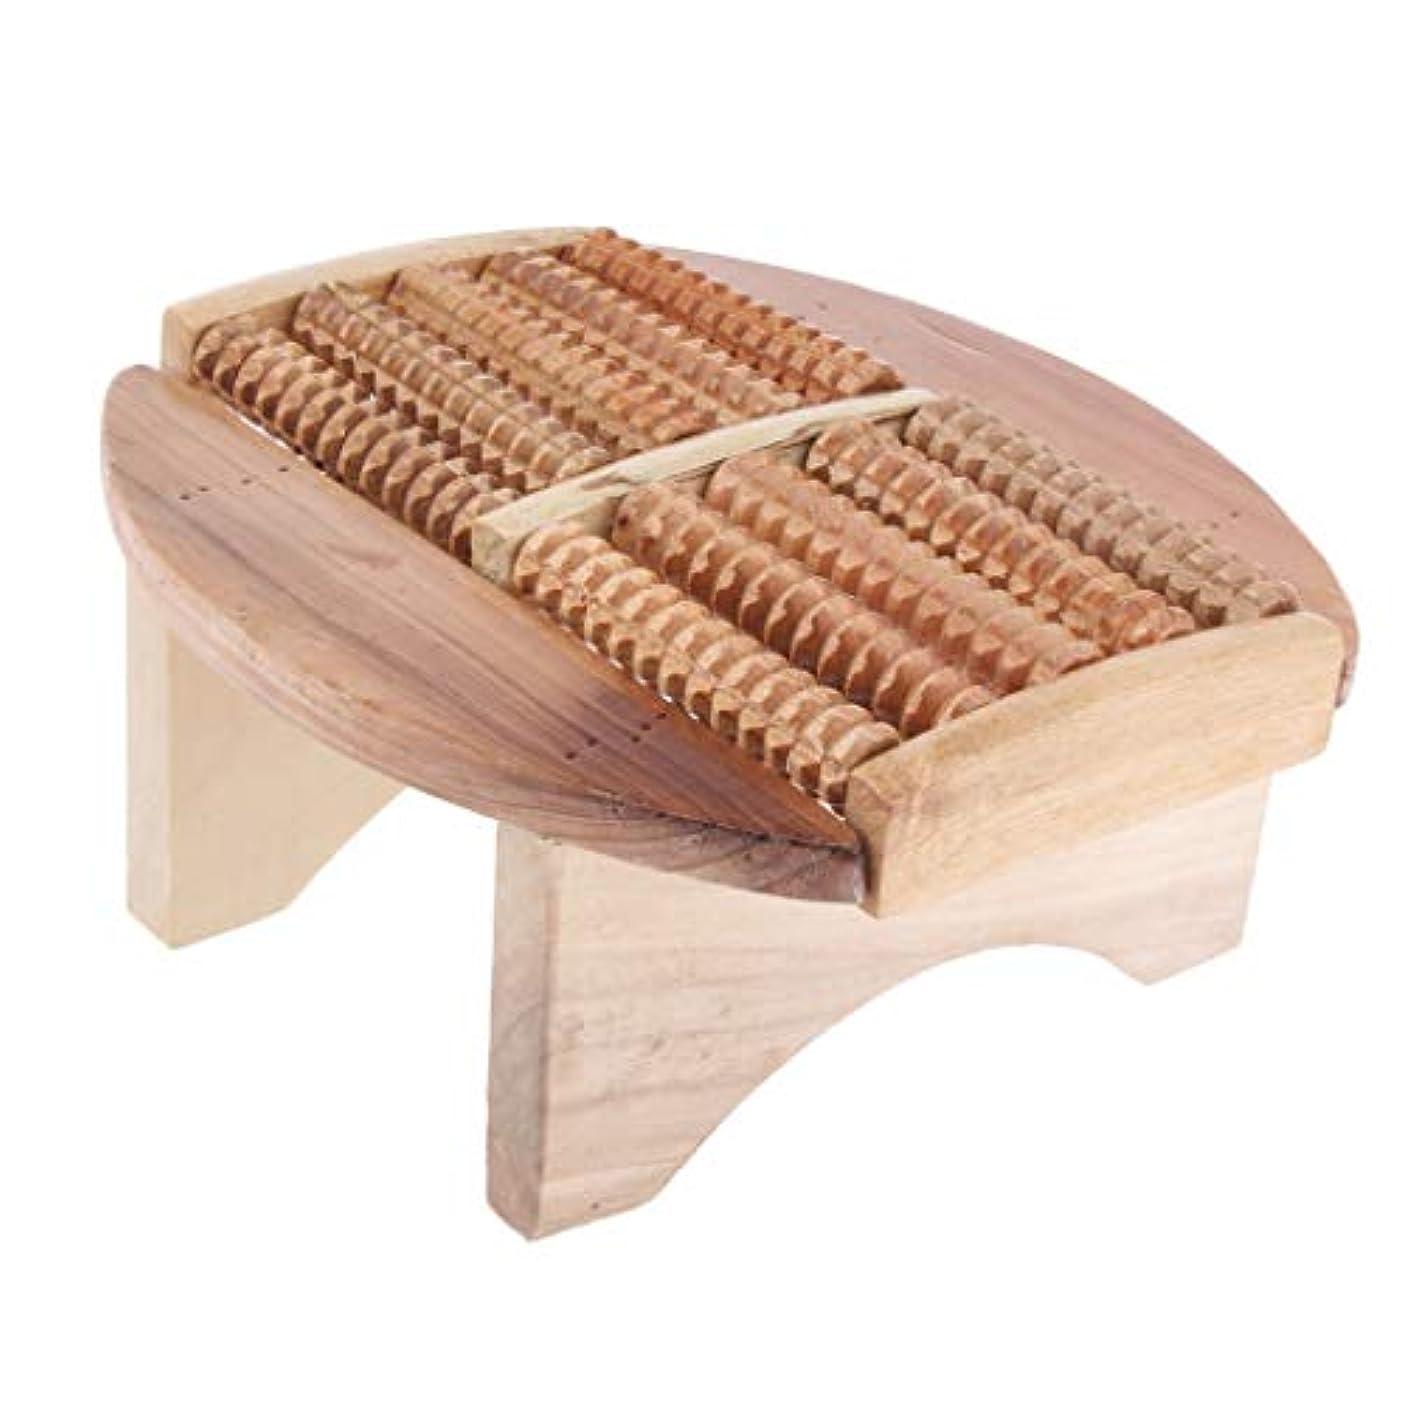 ピストル疎外する市民権フットマッサージスツール 木製 足湯ステップ マッサージ スツール SPA